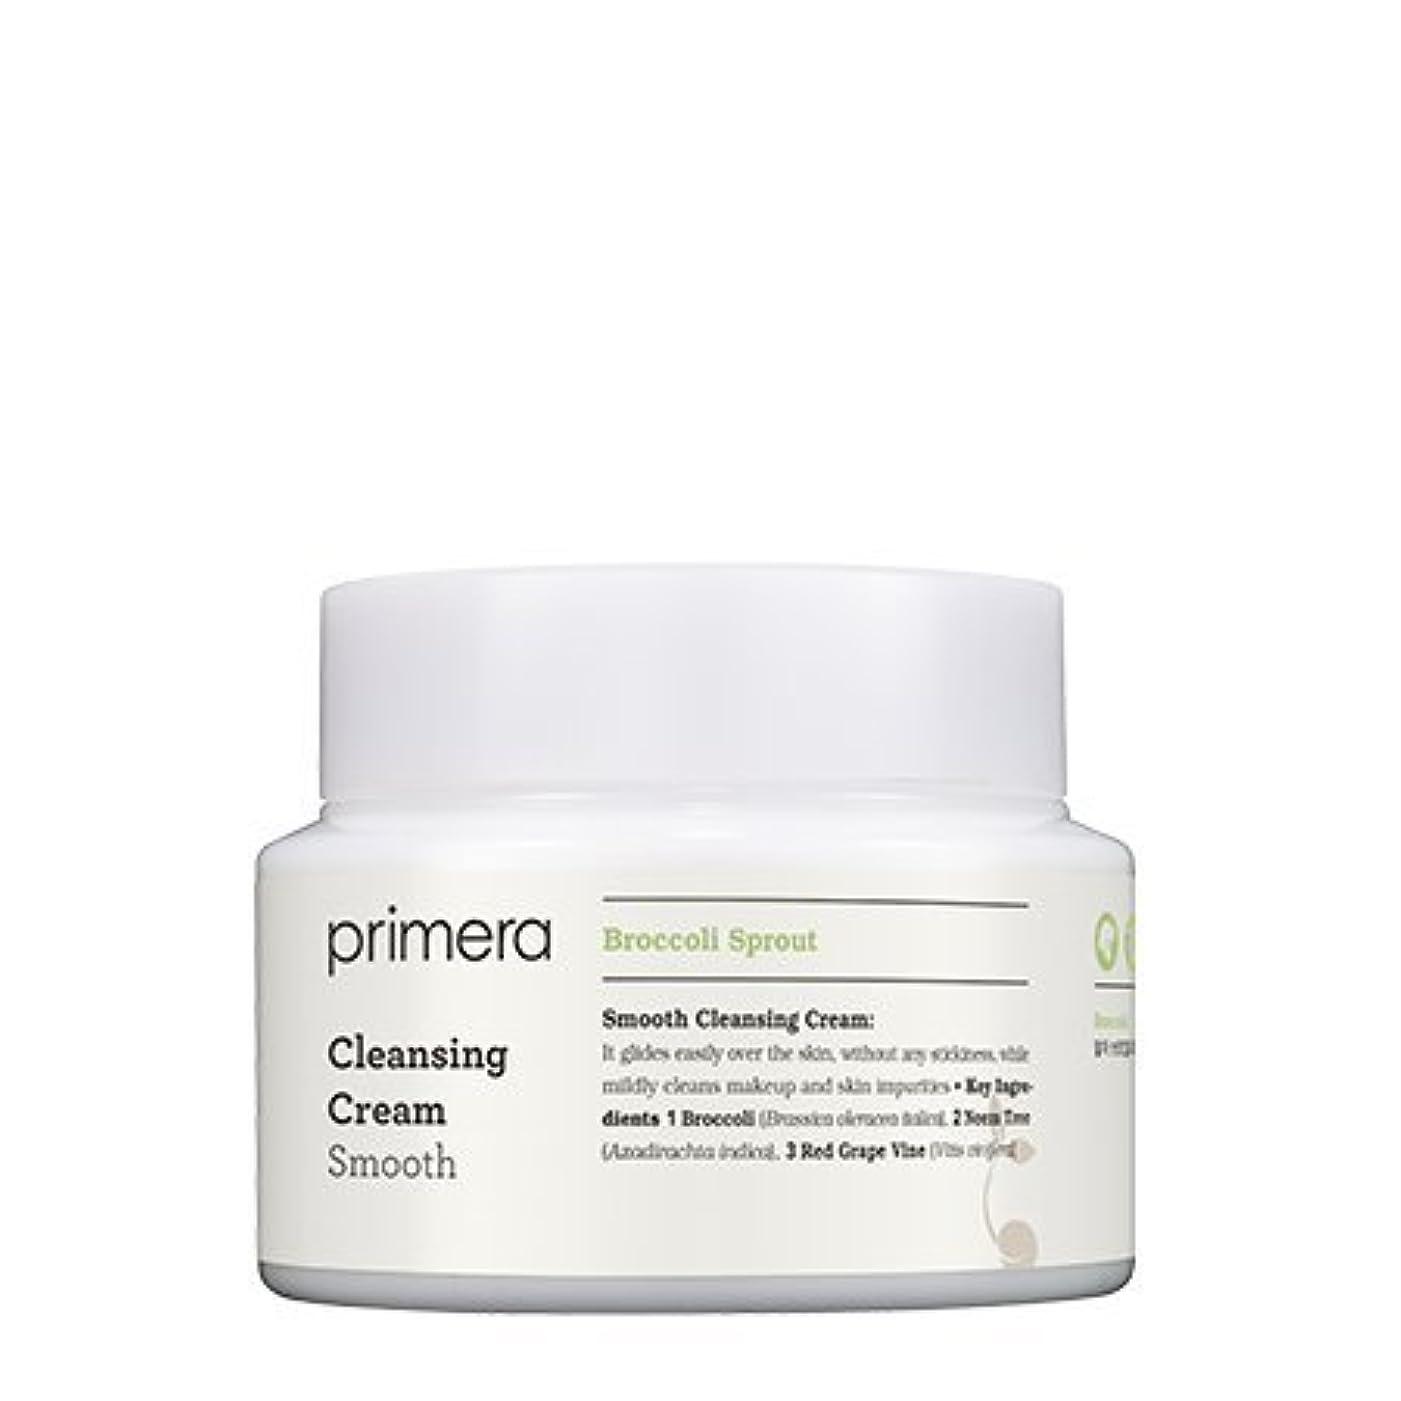 全体に豊富剃る【Primera】Smooth Cleansing Cream - 250g (韓国直送品) (SHOPPINGINSTAGRAM)